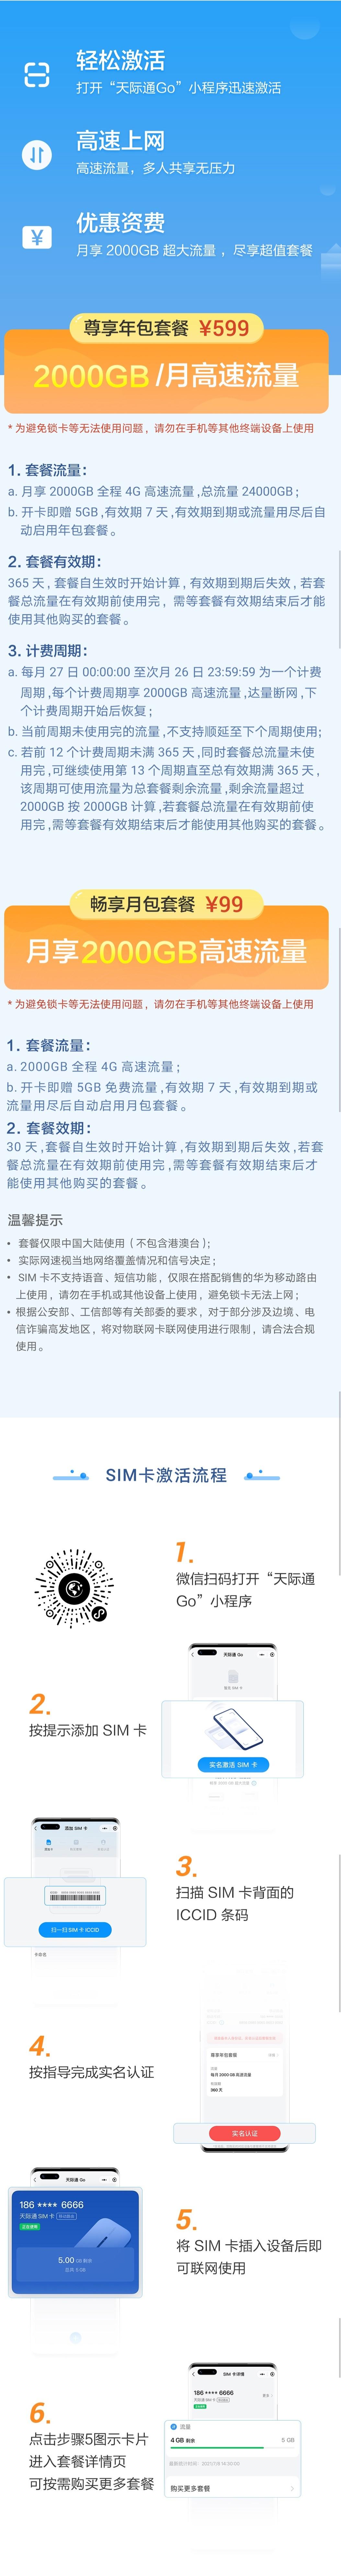 天际通SIM卡使用介绍.jpg